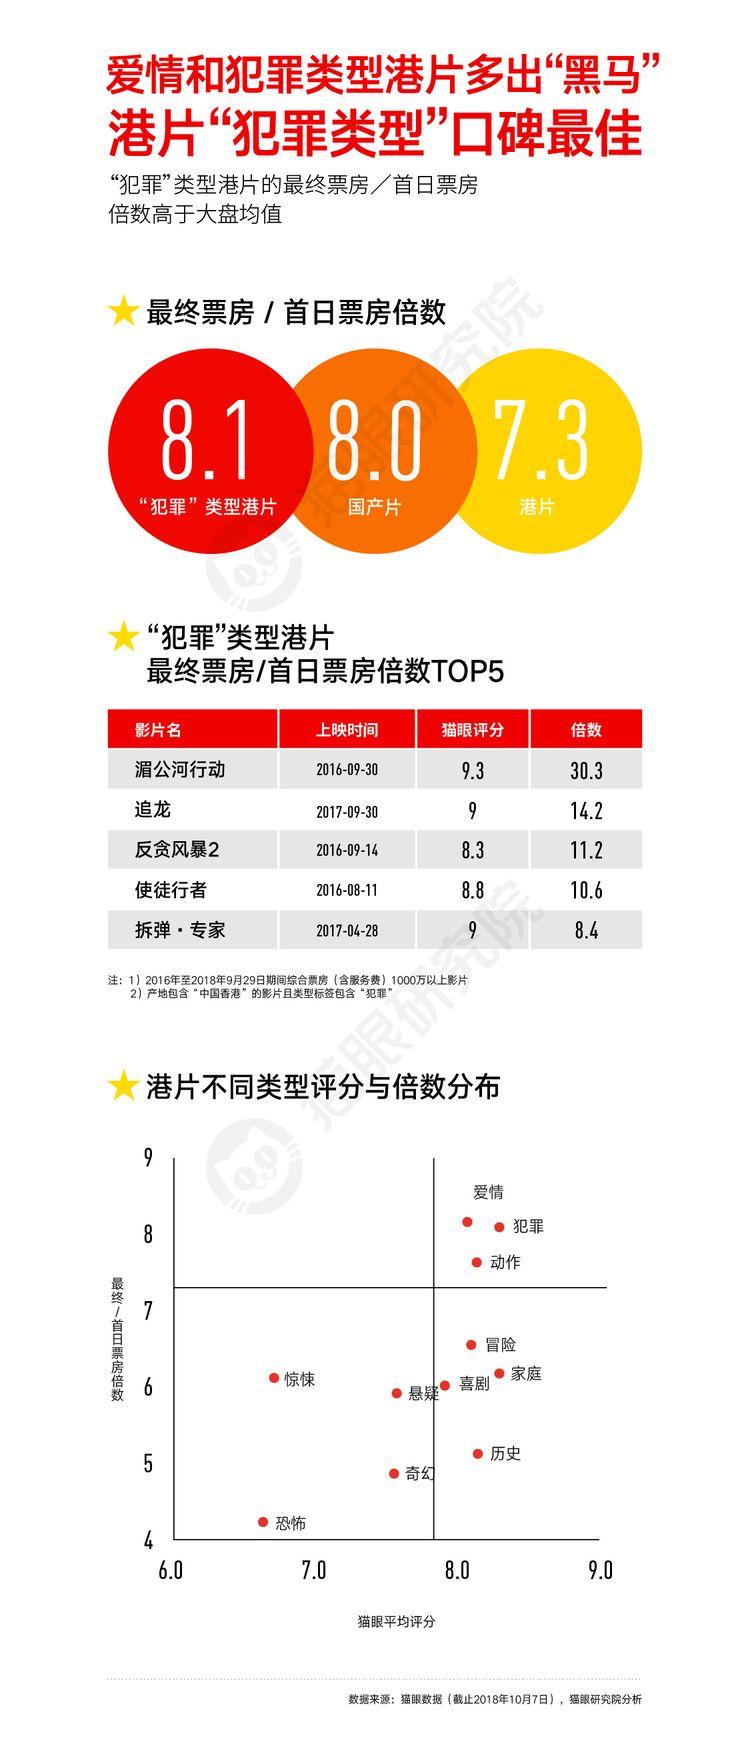 猫眼国庆数据图20181008-08.jpg